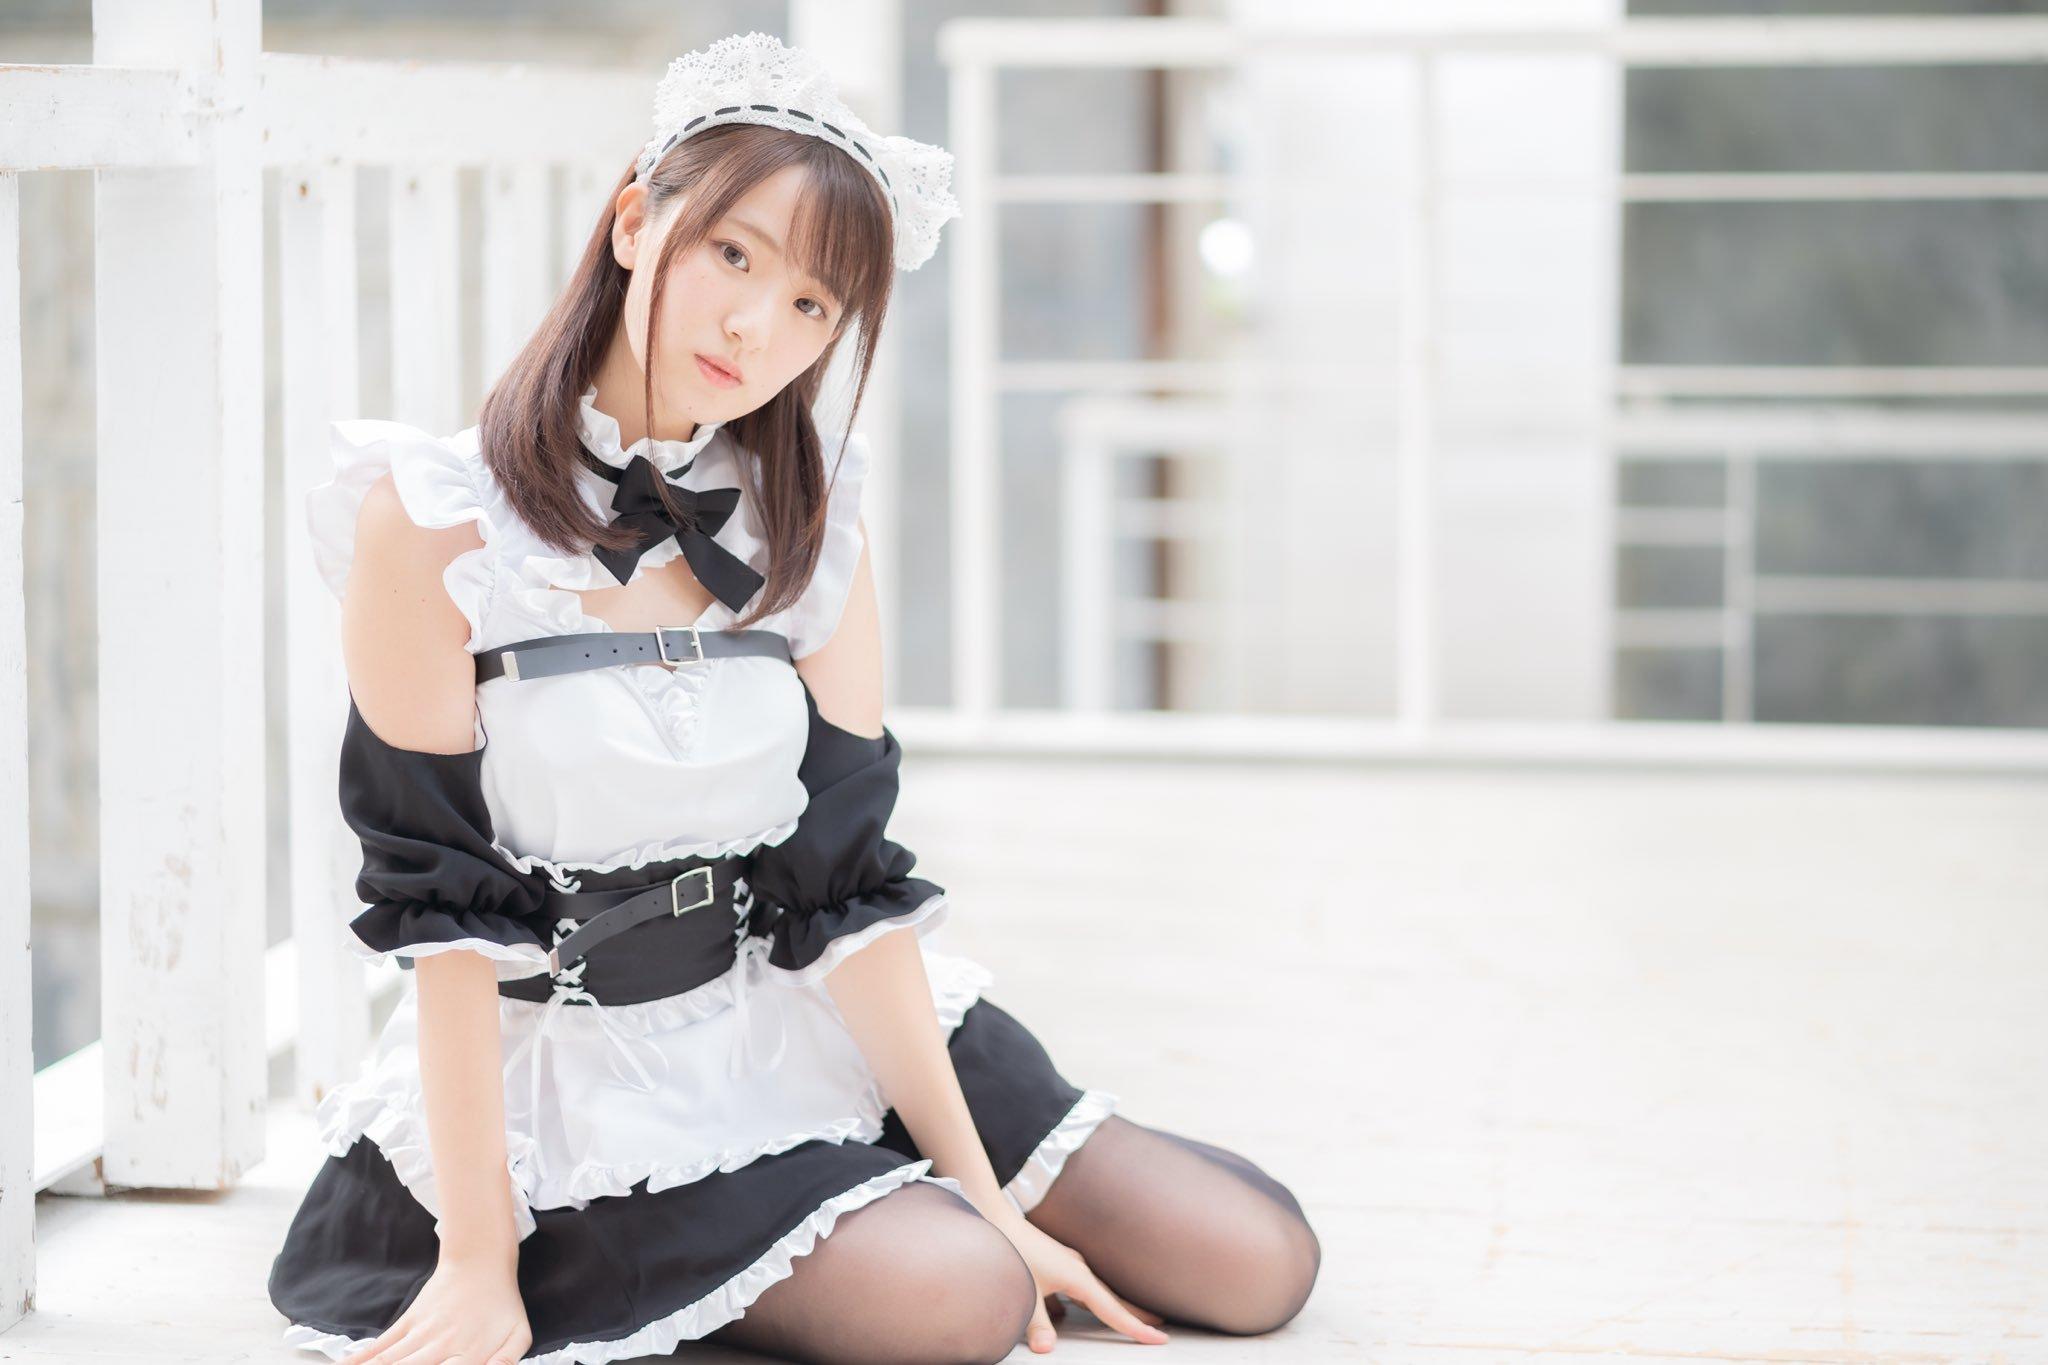 日本可爱妹子泳装Cos美图欣赏 漂亮性感身材绝佳